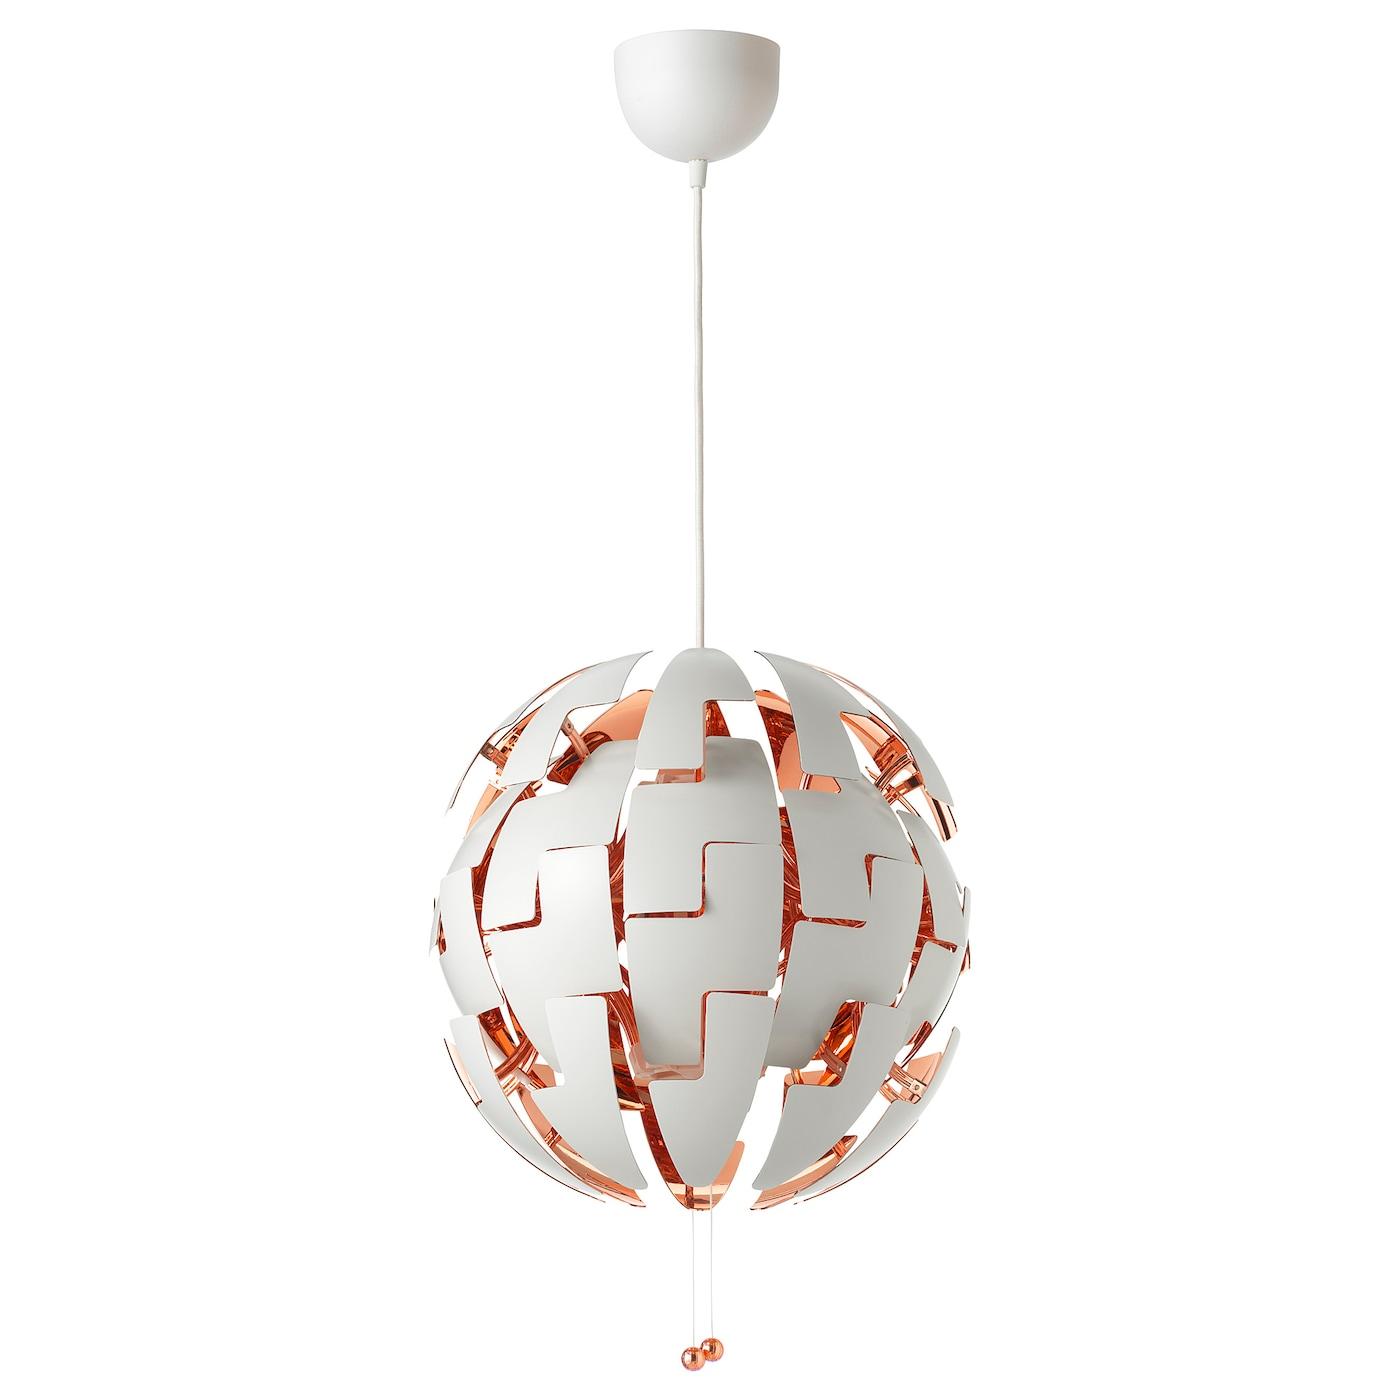 Full Size of Ikea Deckenlampen Ps 2014 Hngeleuchte Wei Wohnzimmer Modern Sofa Mit Schlaffunktion Miniküche Betten 160x200 Für Modulküche Küche Kosten Bei Kaufen Wohnzimmer Ikea Deckenlampen